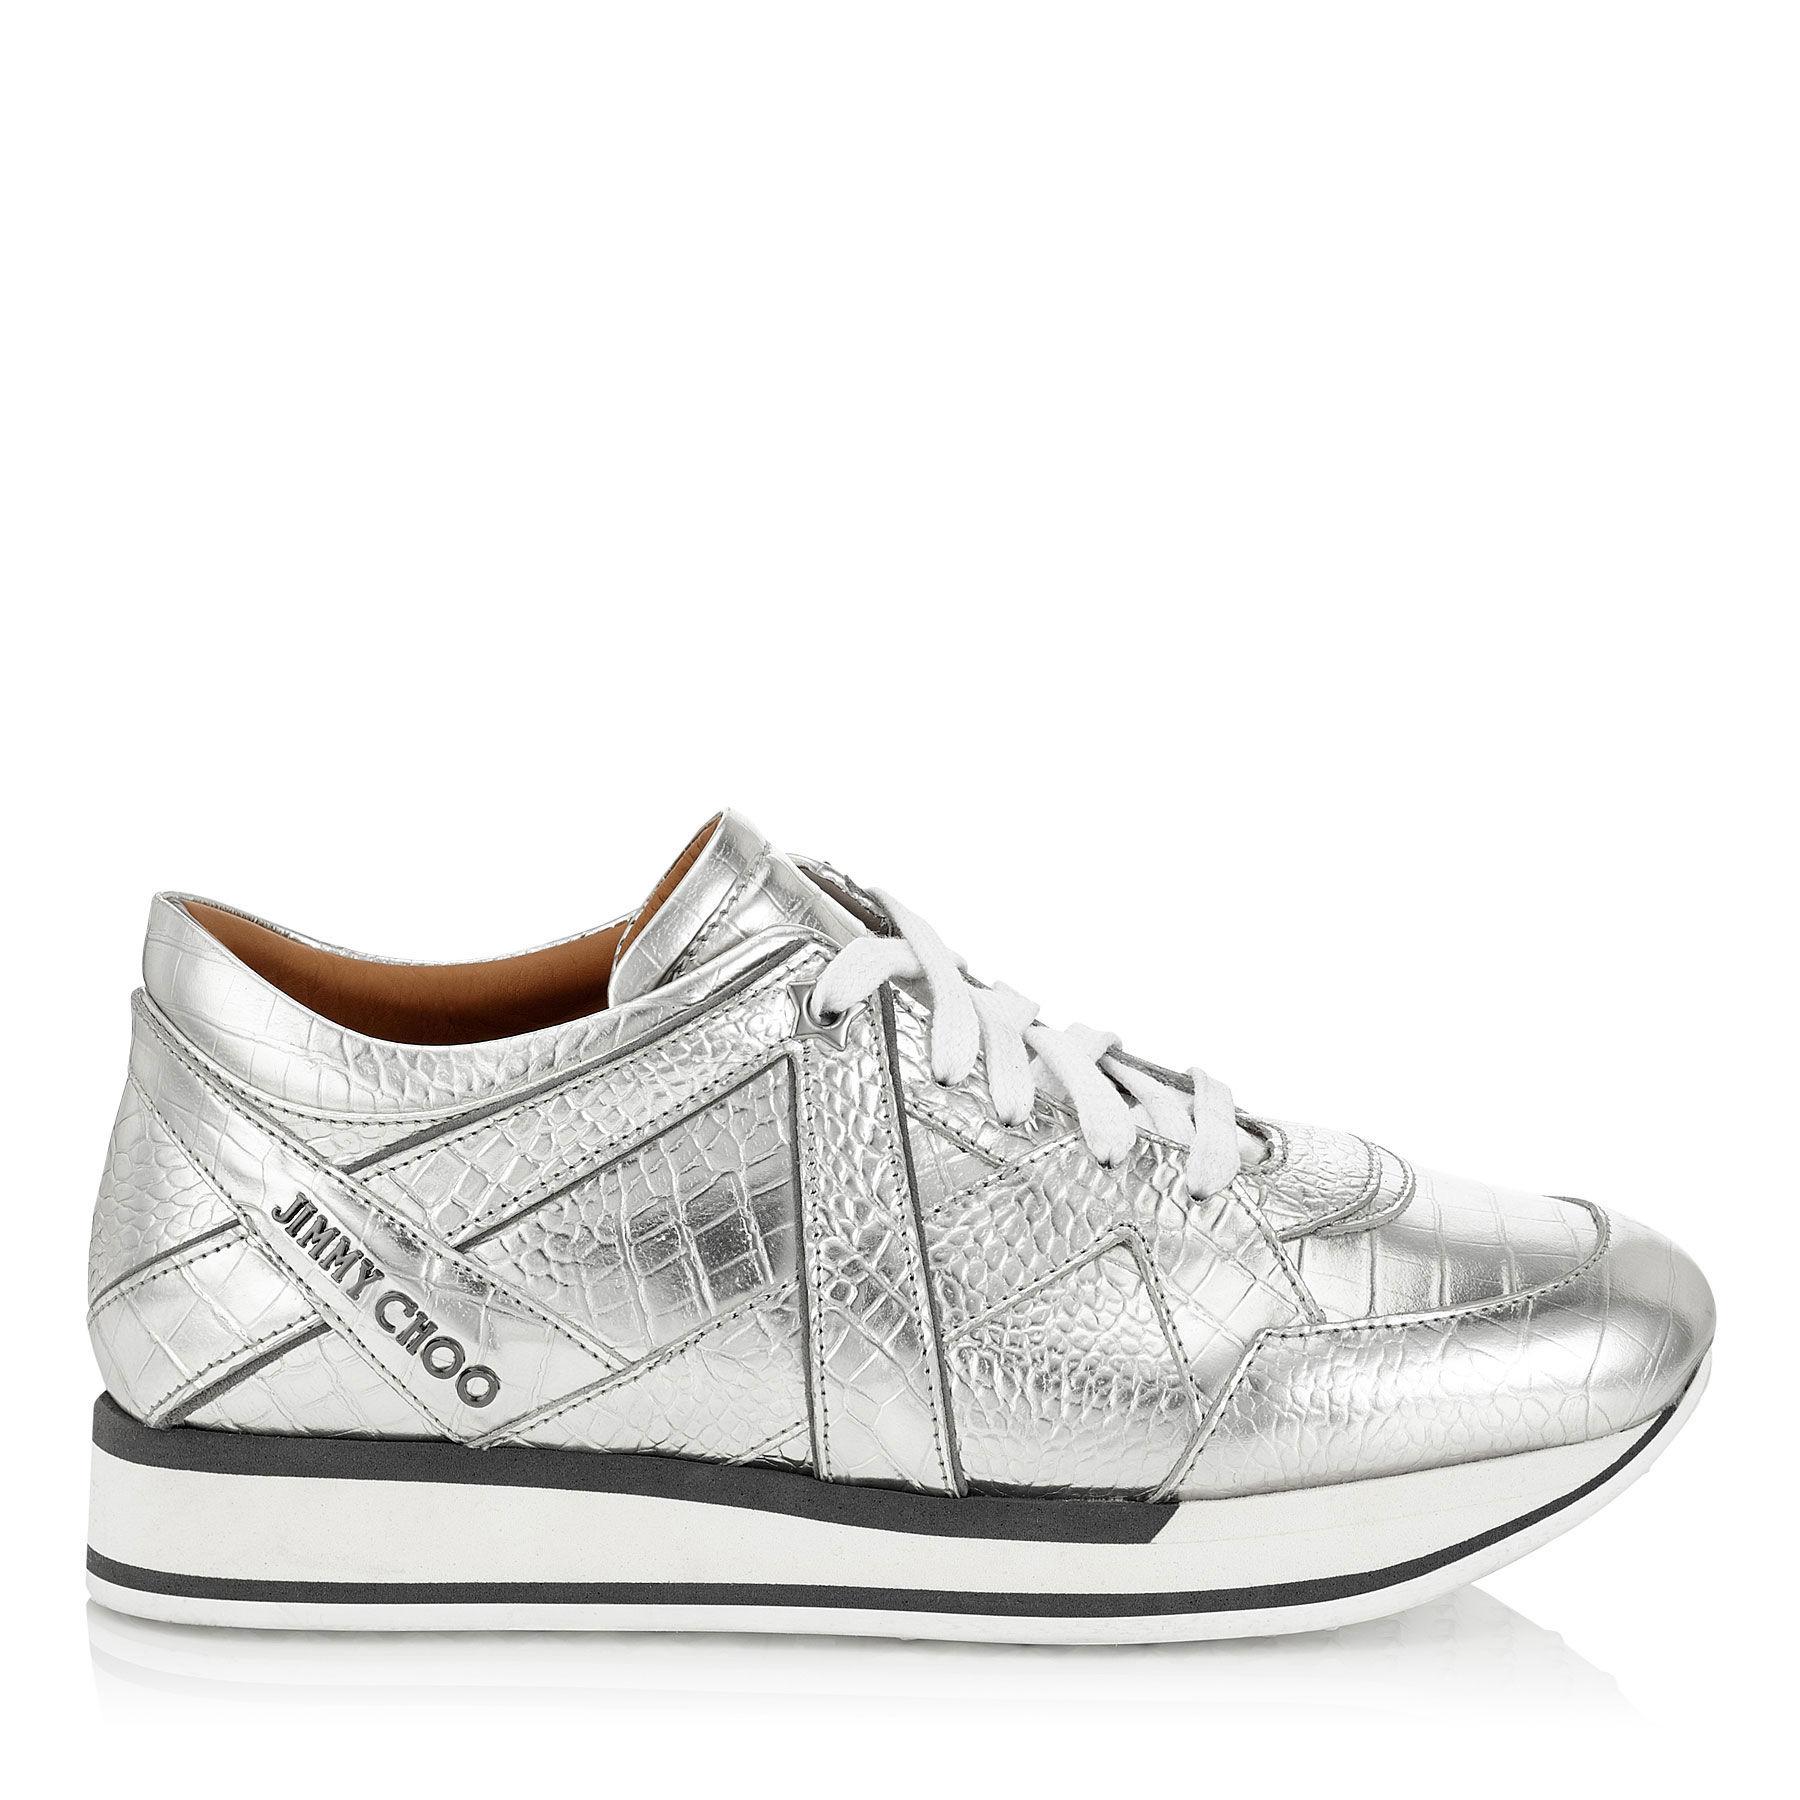 White Croc Jett Sport Sneakers Jimmy Choo London my6wieqjh